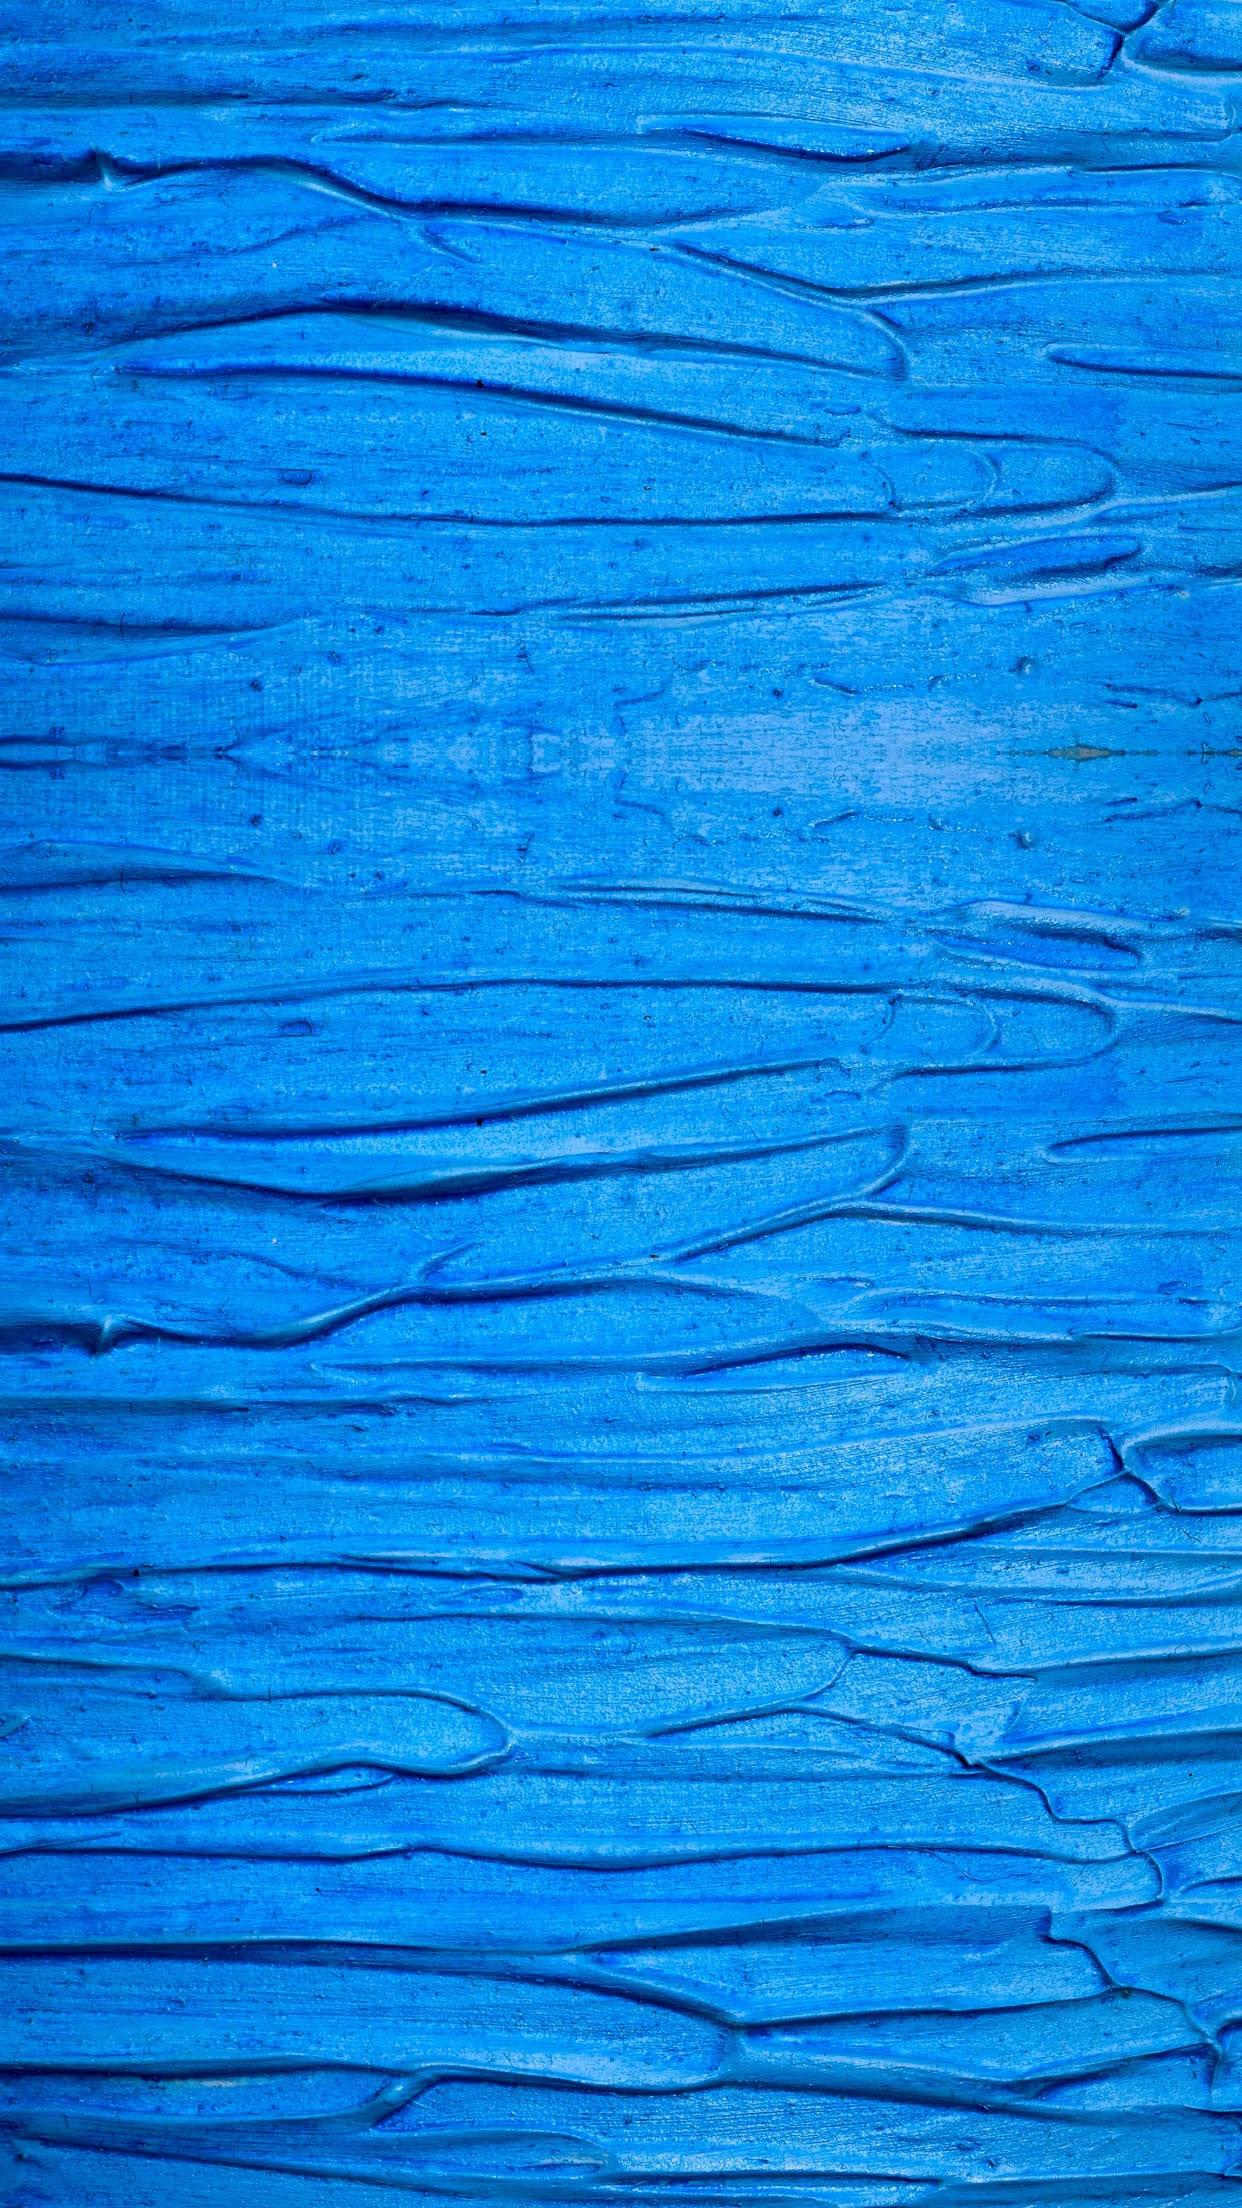 青の表面テクスチャをペイントするiphone6plus壁紙 Iphoneチーズ